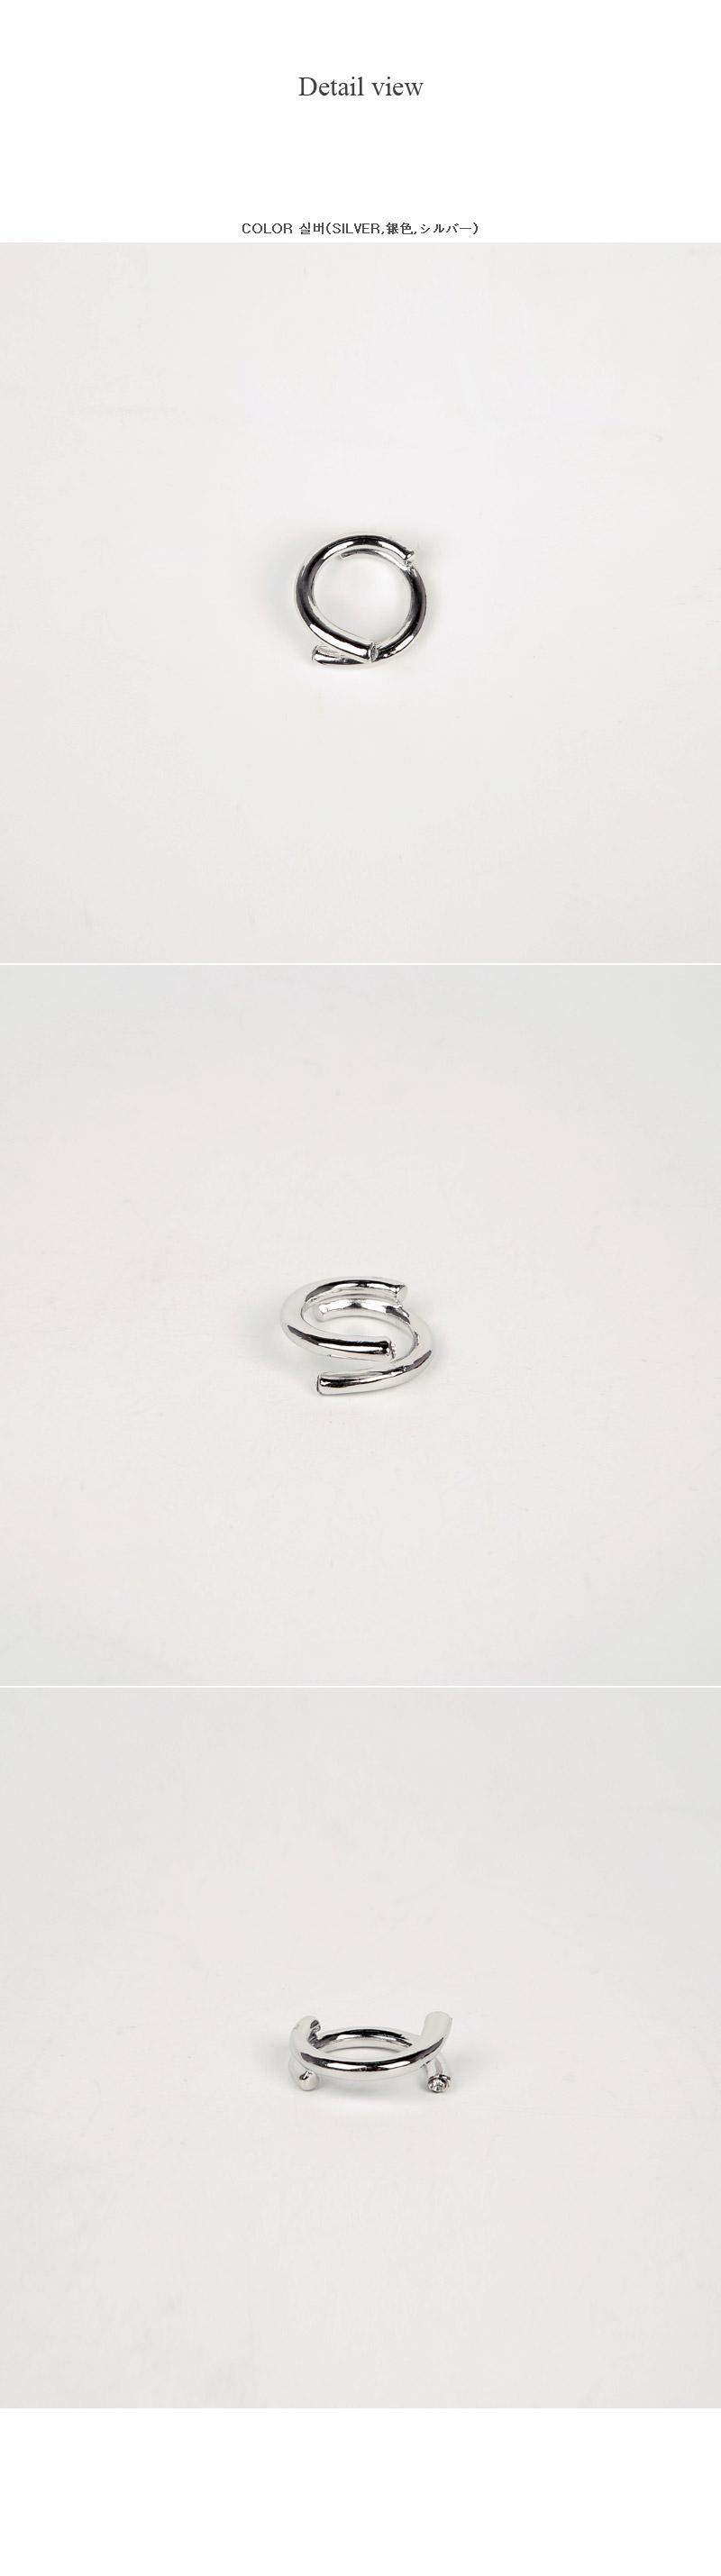 Royer ring